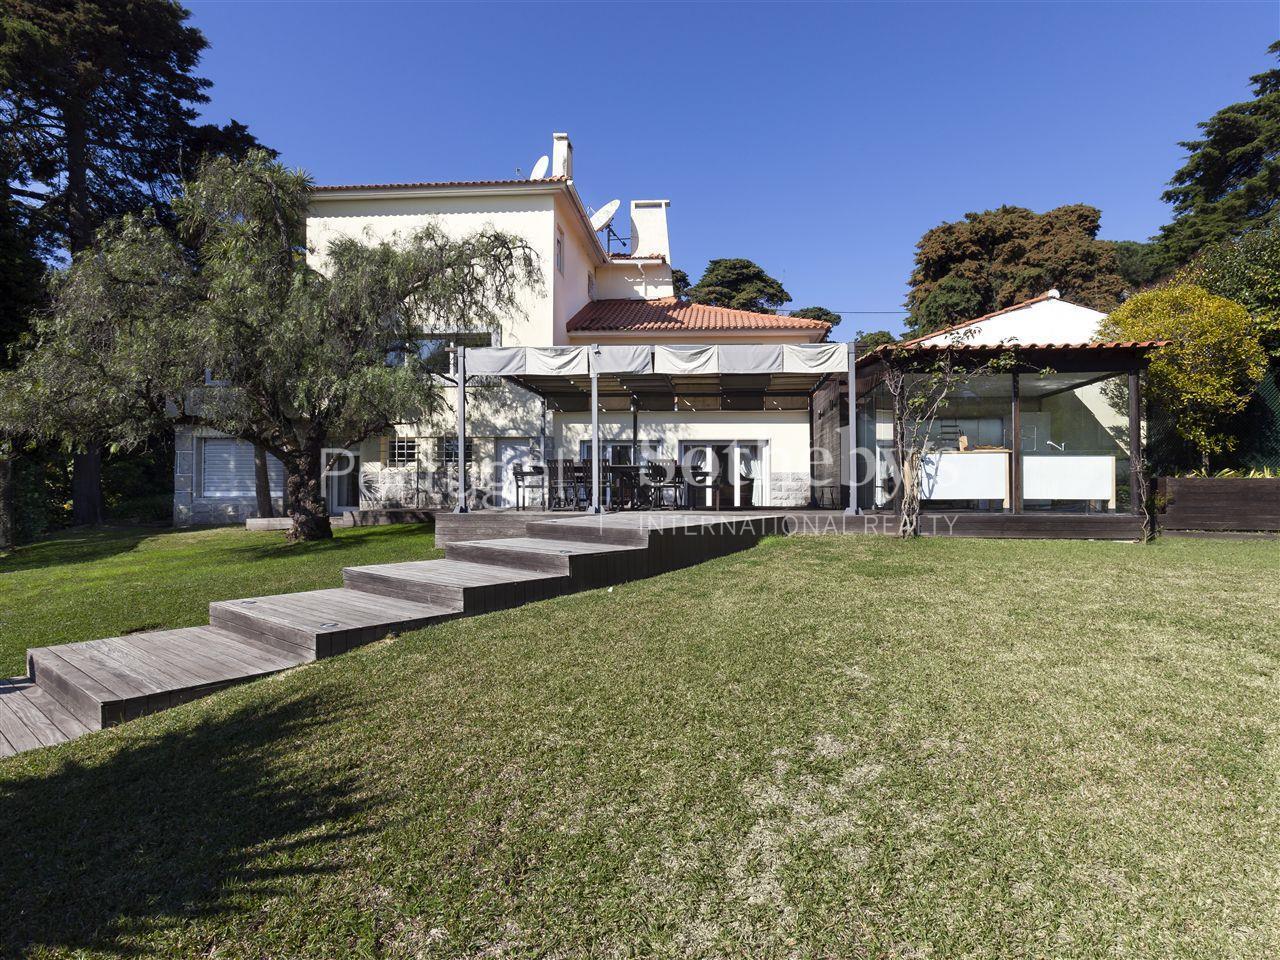 Maison unifamiliale pour l Vente à House, 6 bedrooms, for Sale Cascais, Lisbonne, 2765-288 Portugal